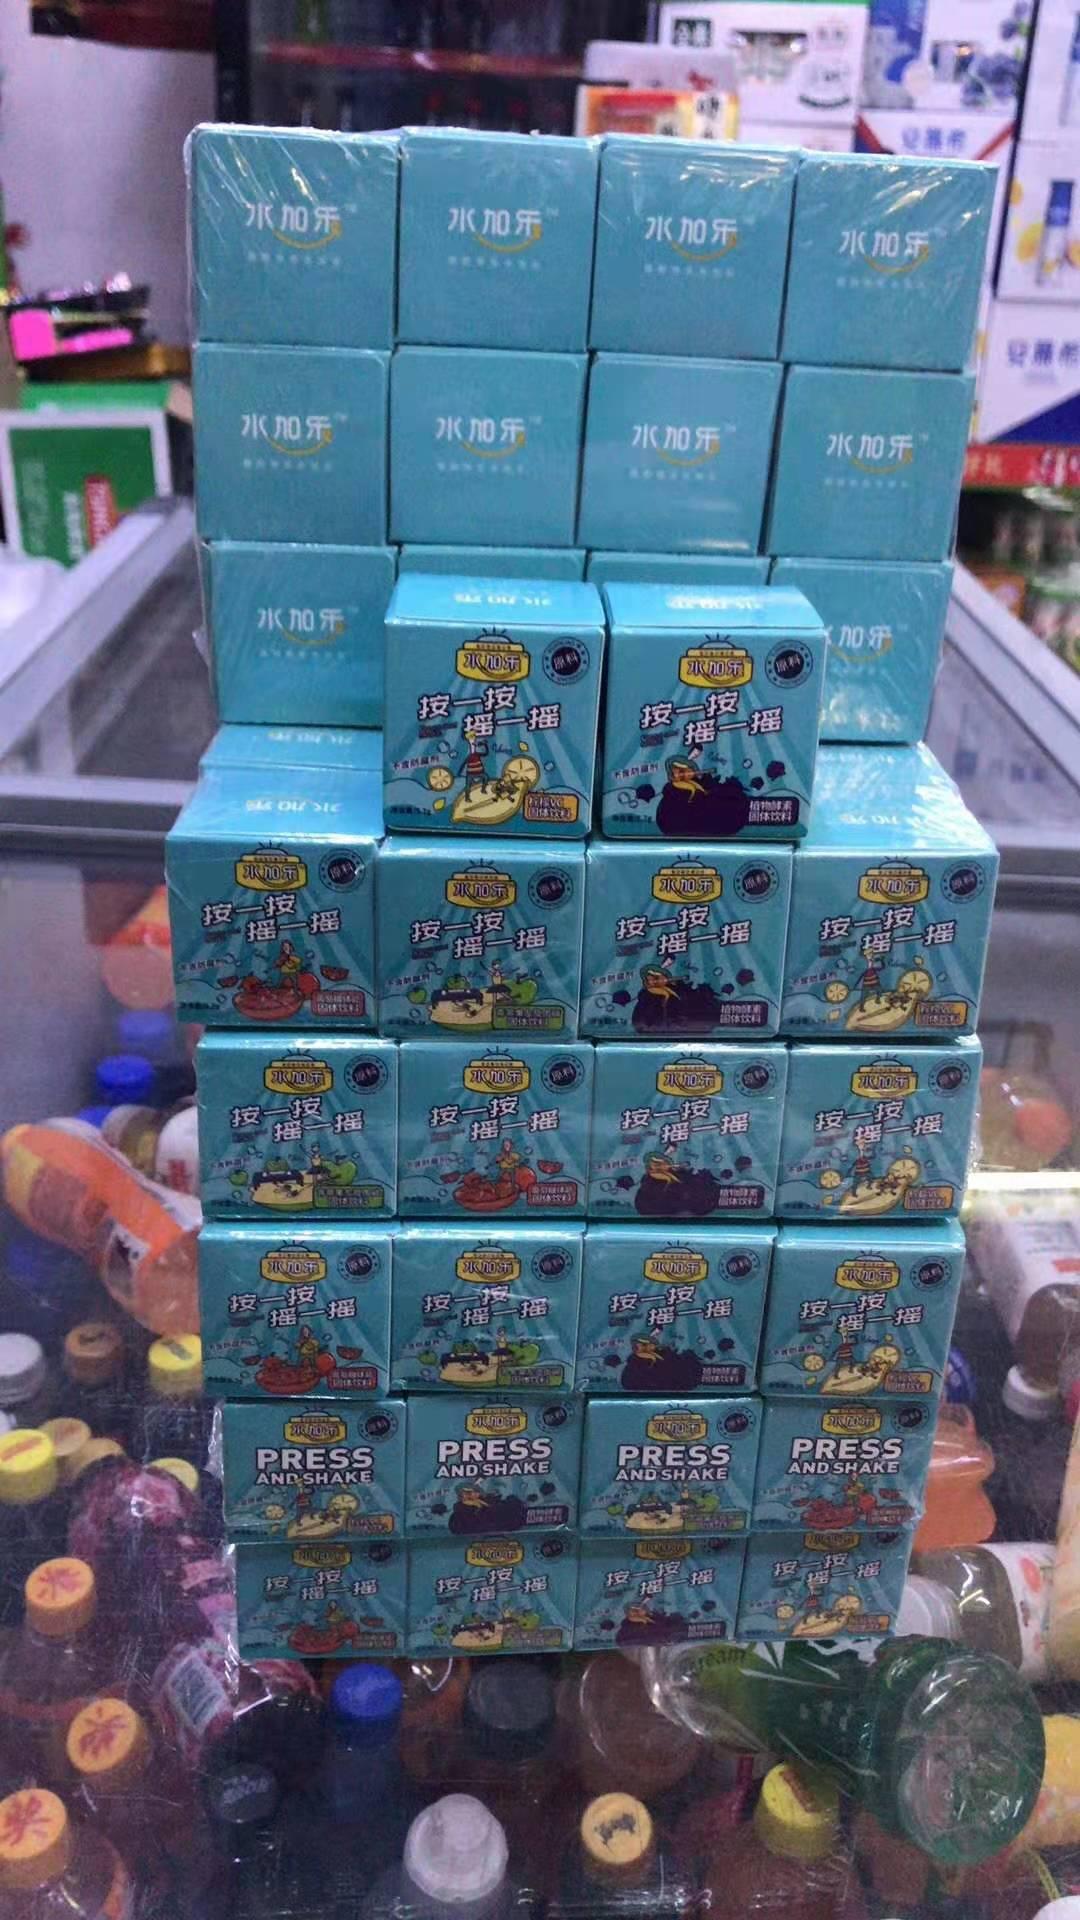 网红瓶盖、魔术瓶盖、水加乐(哈尔滨独家代理)